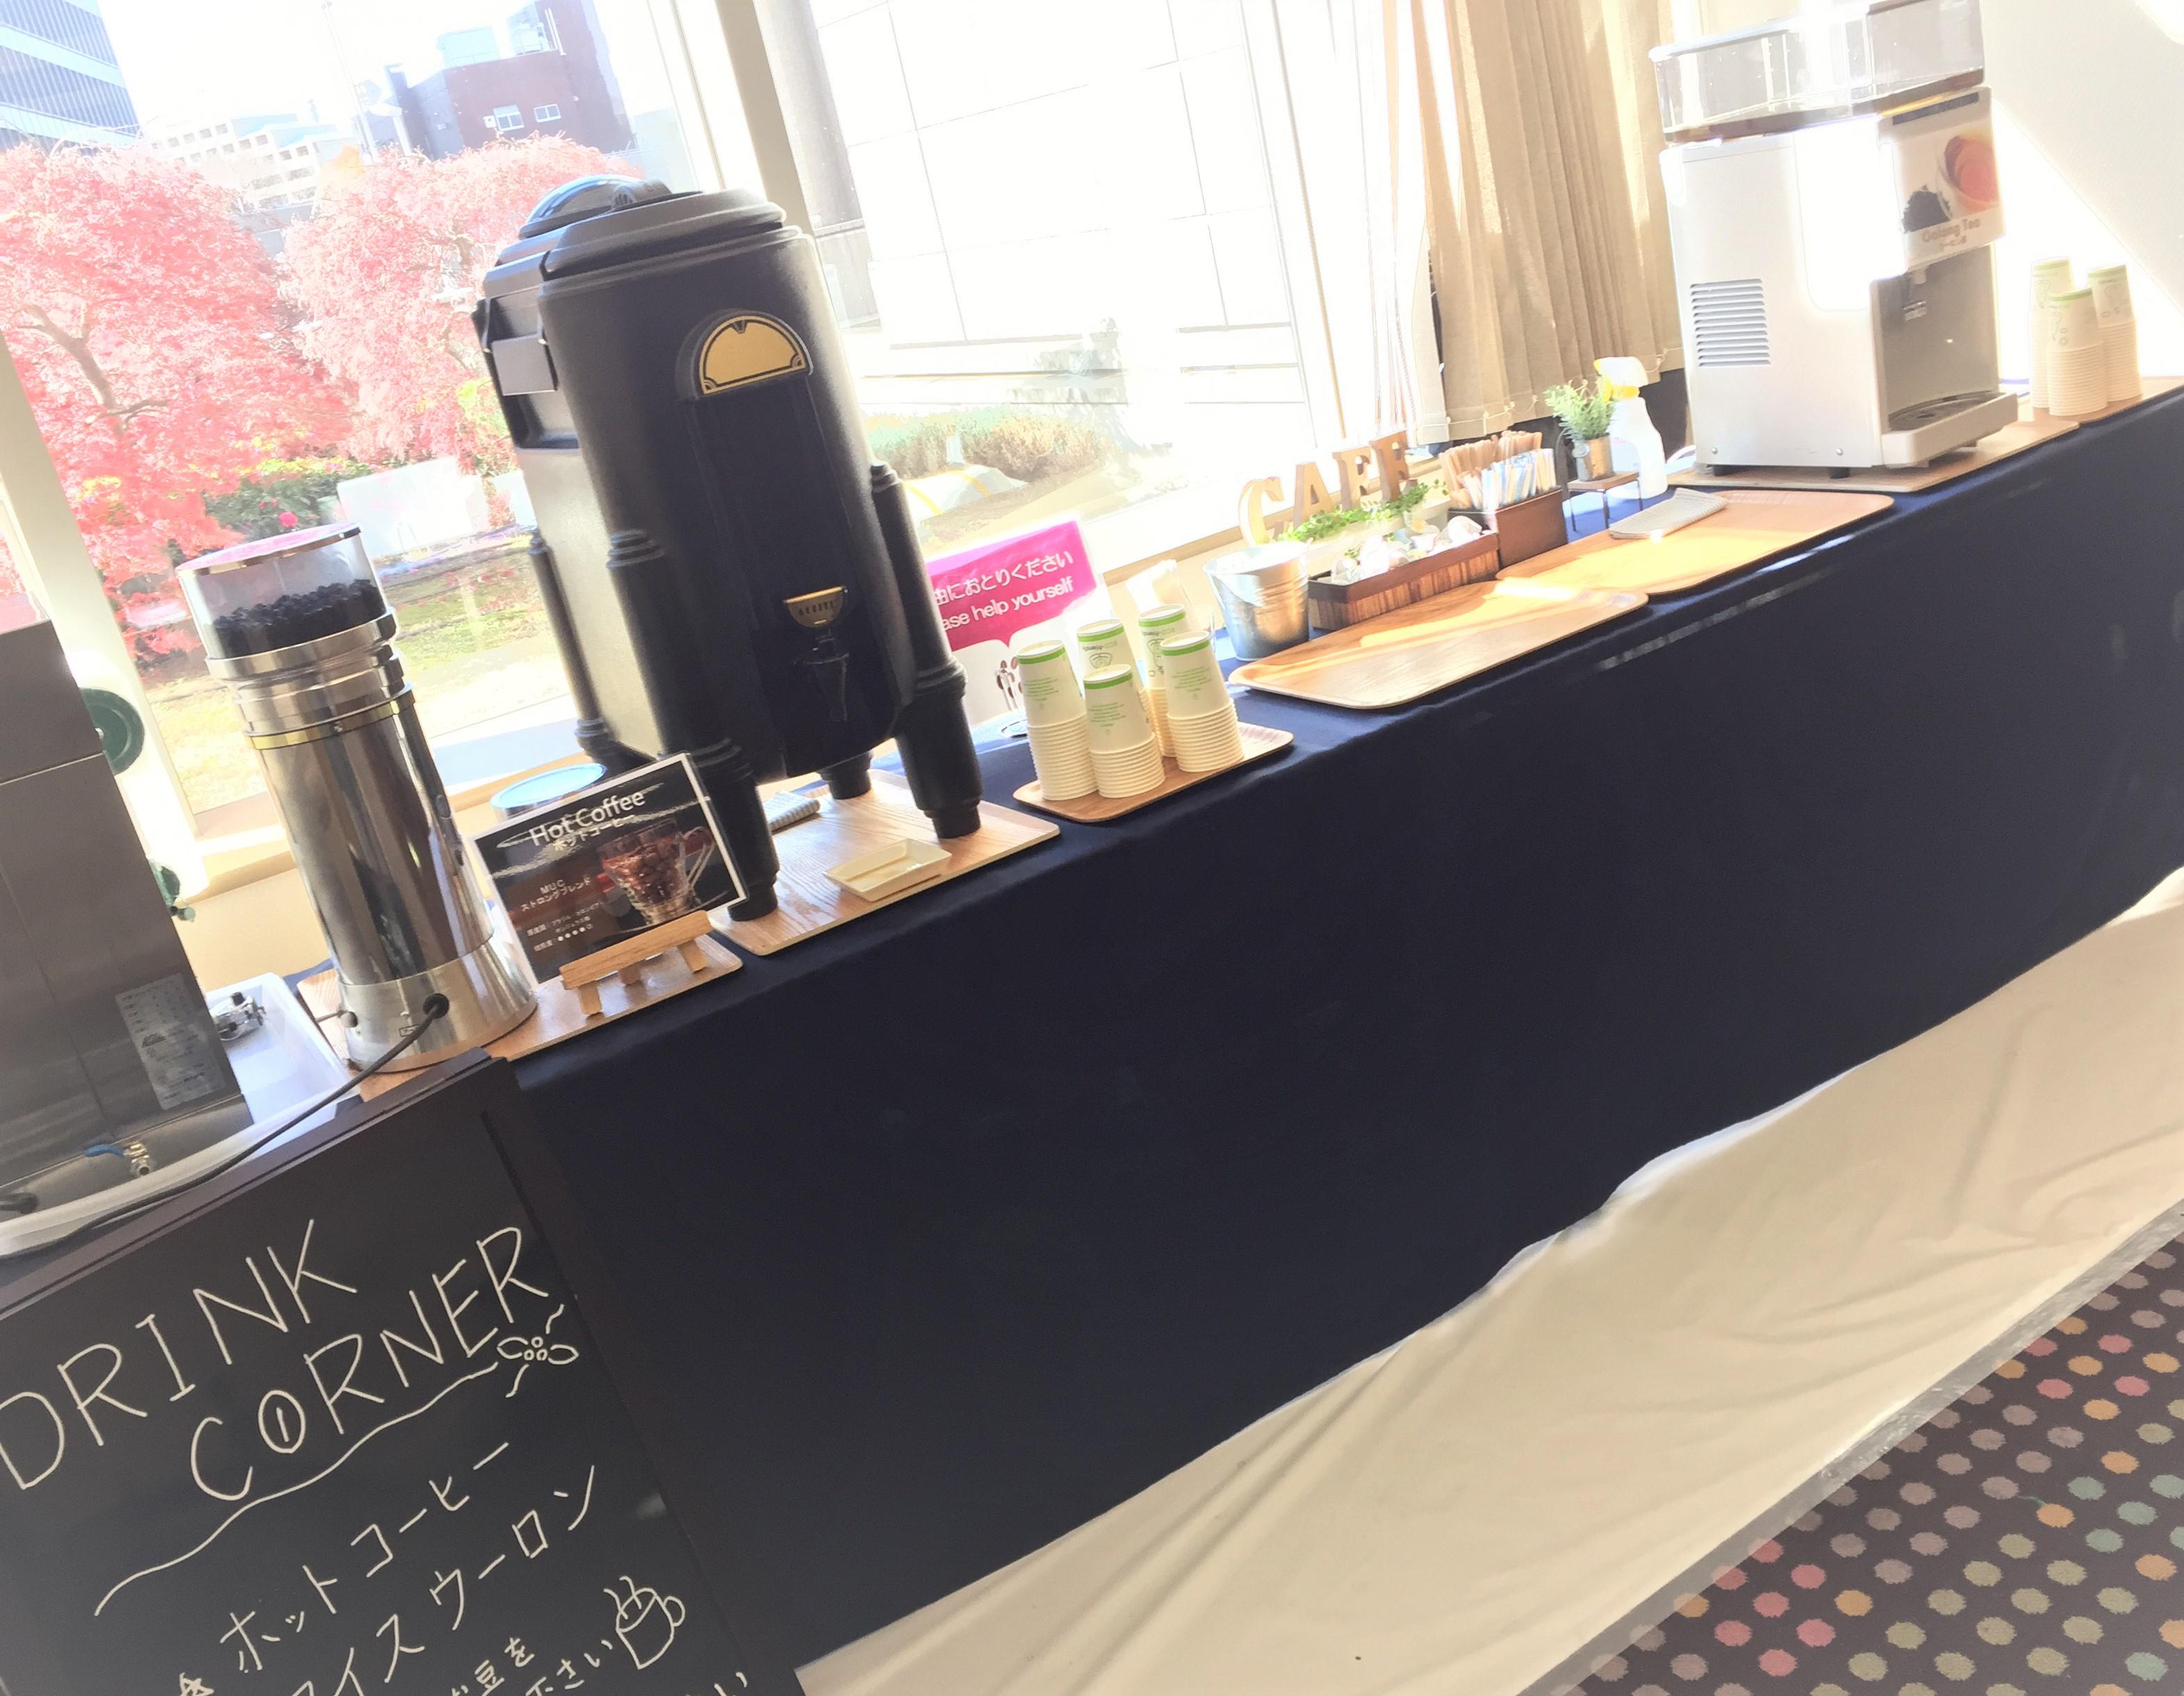 学術総合センター一橋講堂 学会 ドリンクコーナー コーヒーブレイク